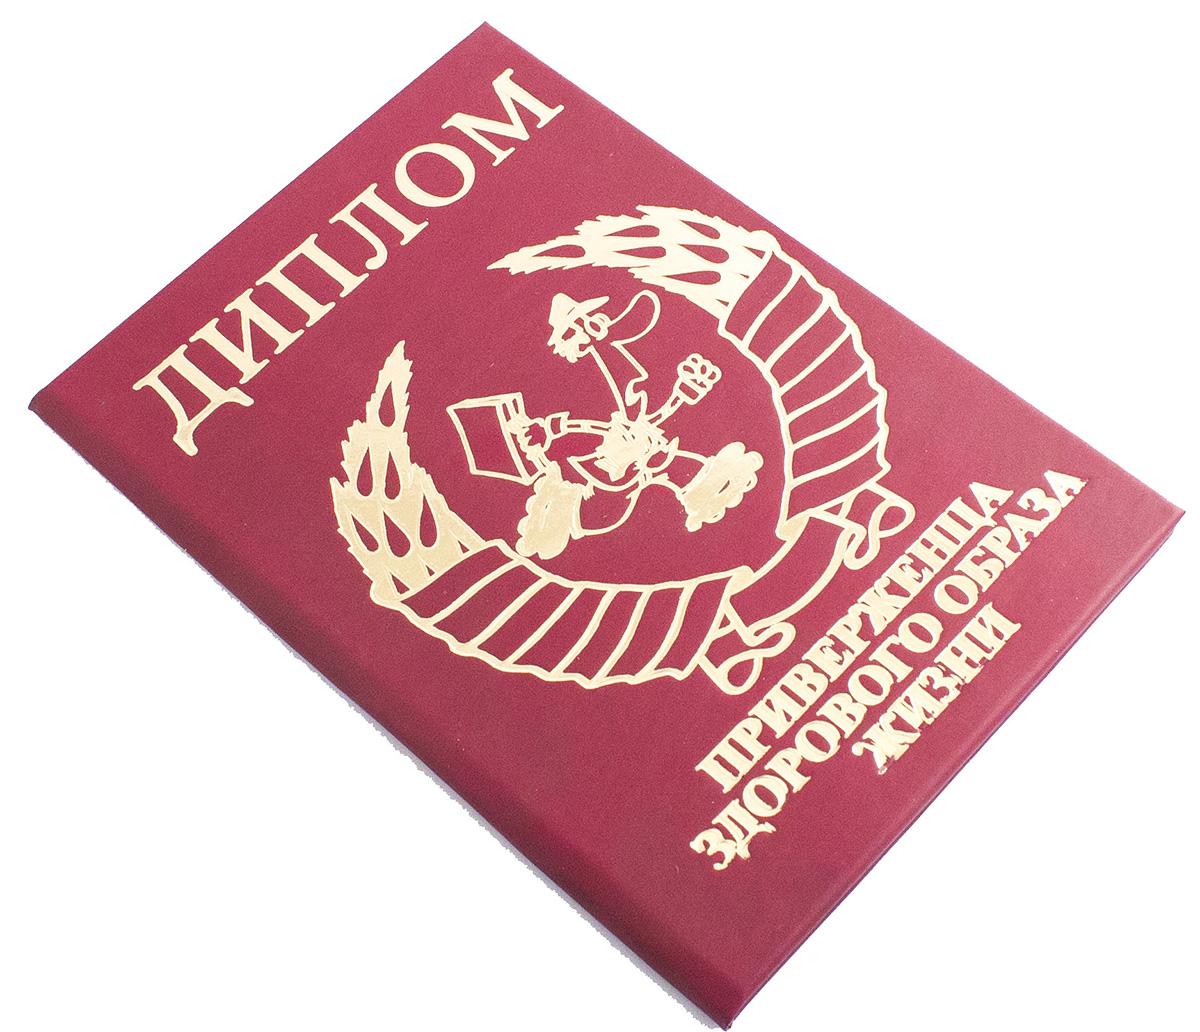 Диплом сувенирный Эврика Приверженца здорового образа жизни, A6, цвет: красный. 93567 диплом сувенирный эврика замечательной сватьи a6 цвет красный 93385